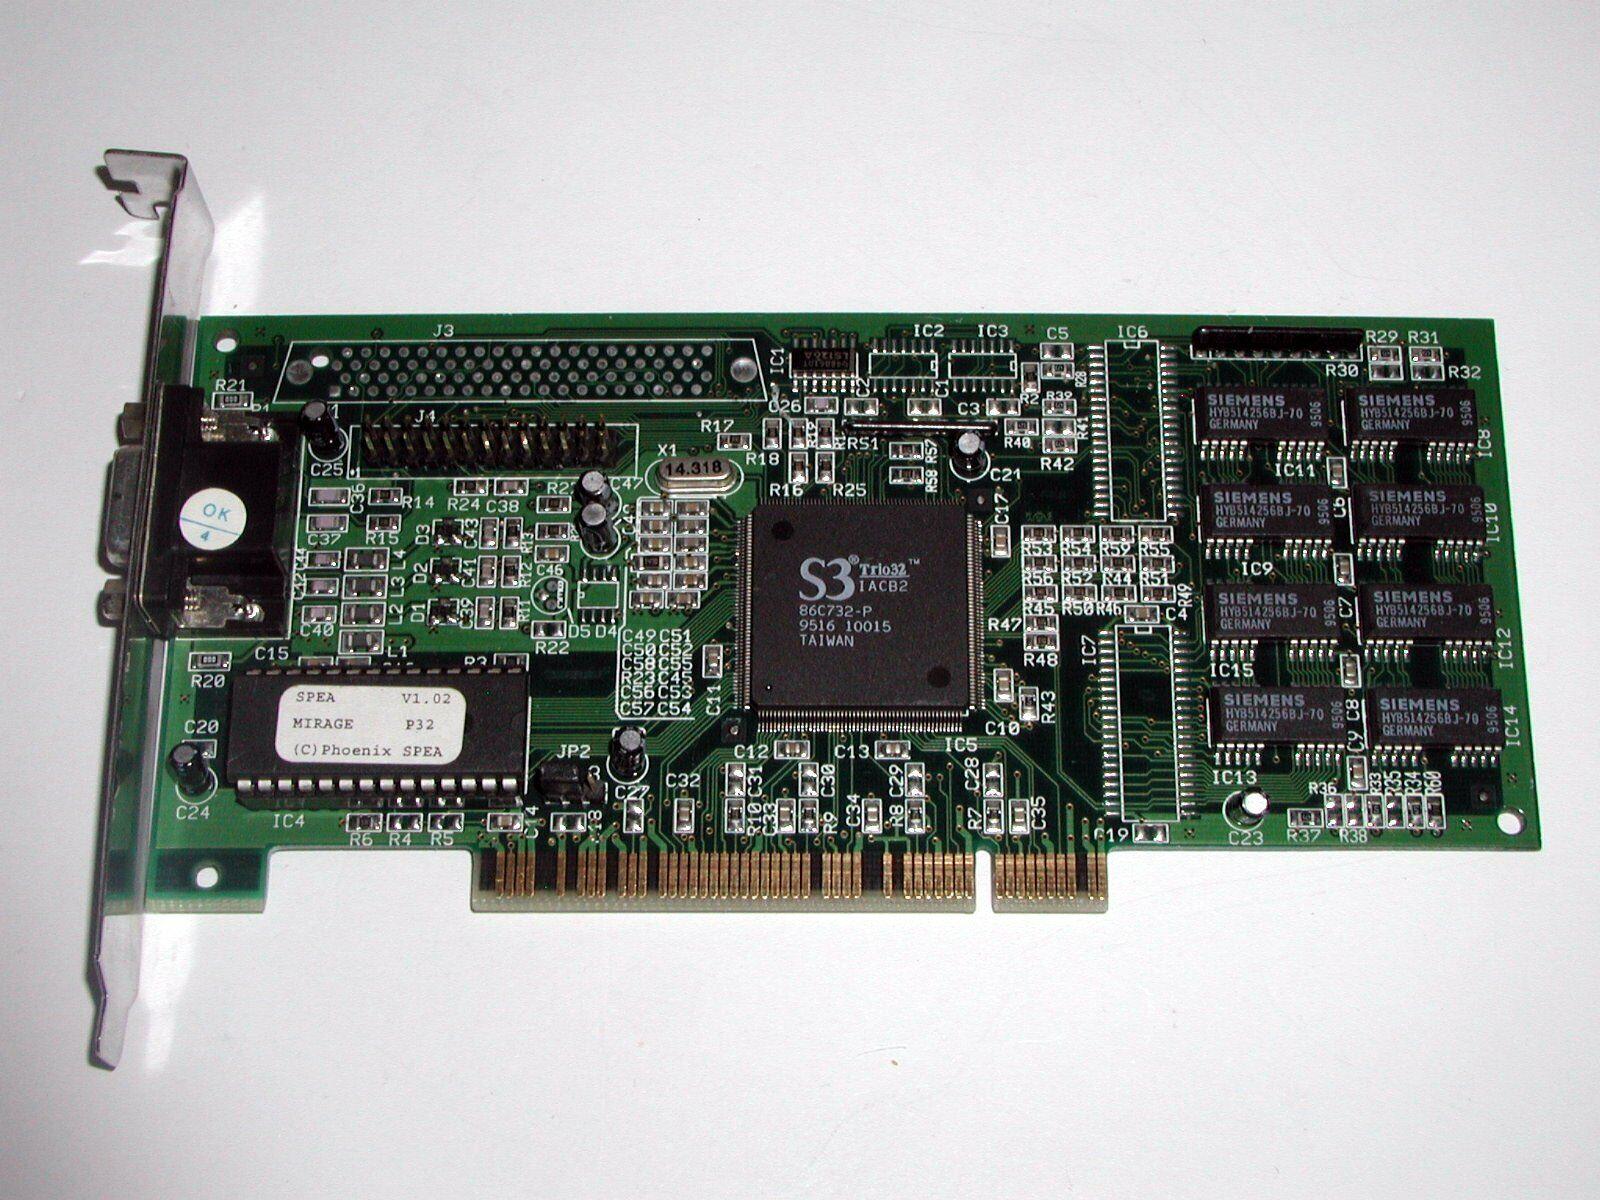 PCI Grafikkarte Spea V7-Mirage P32, S3 Trio32, 1 MB DRAM, VGA, gebraucht